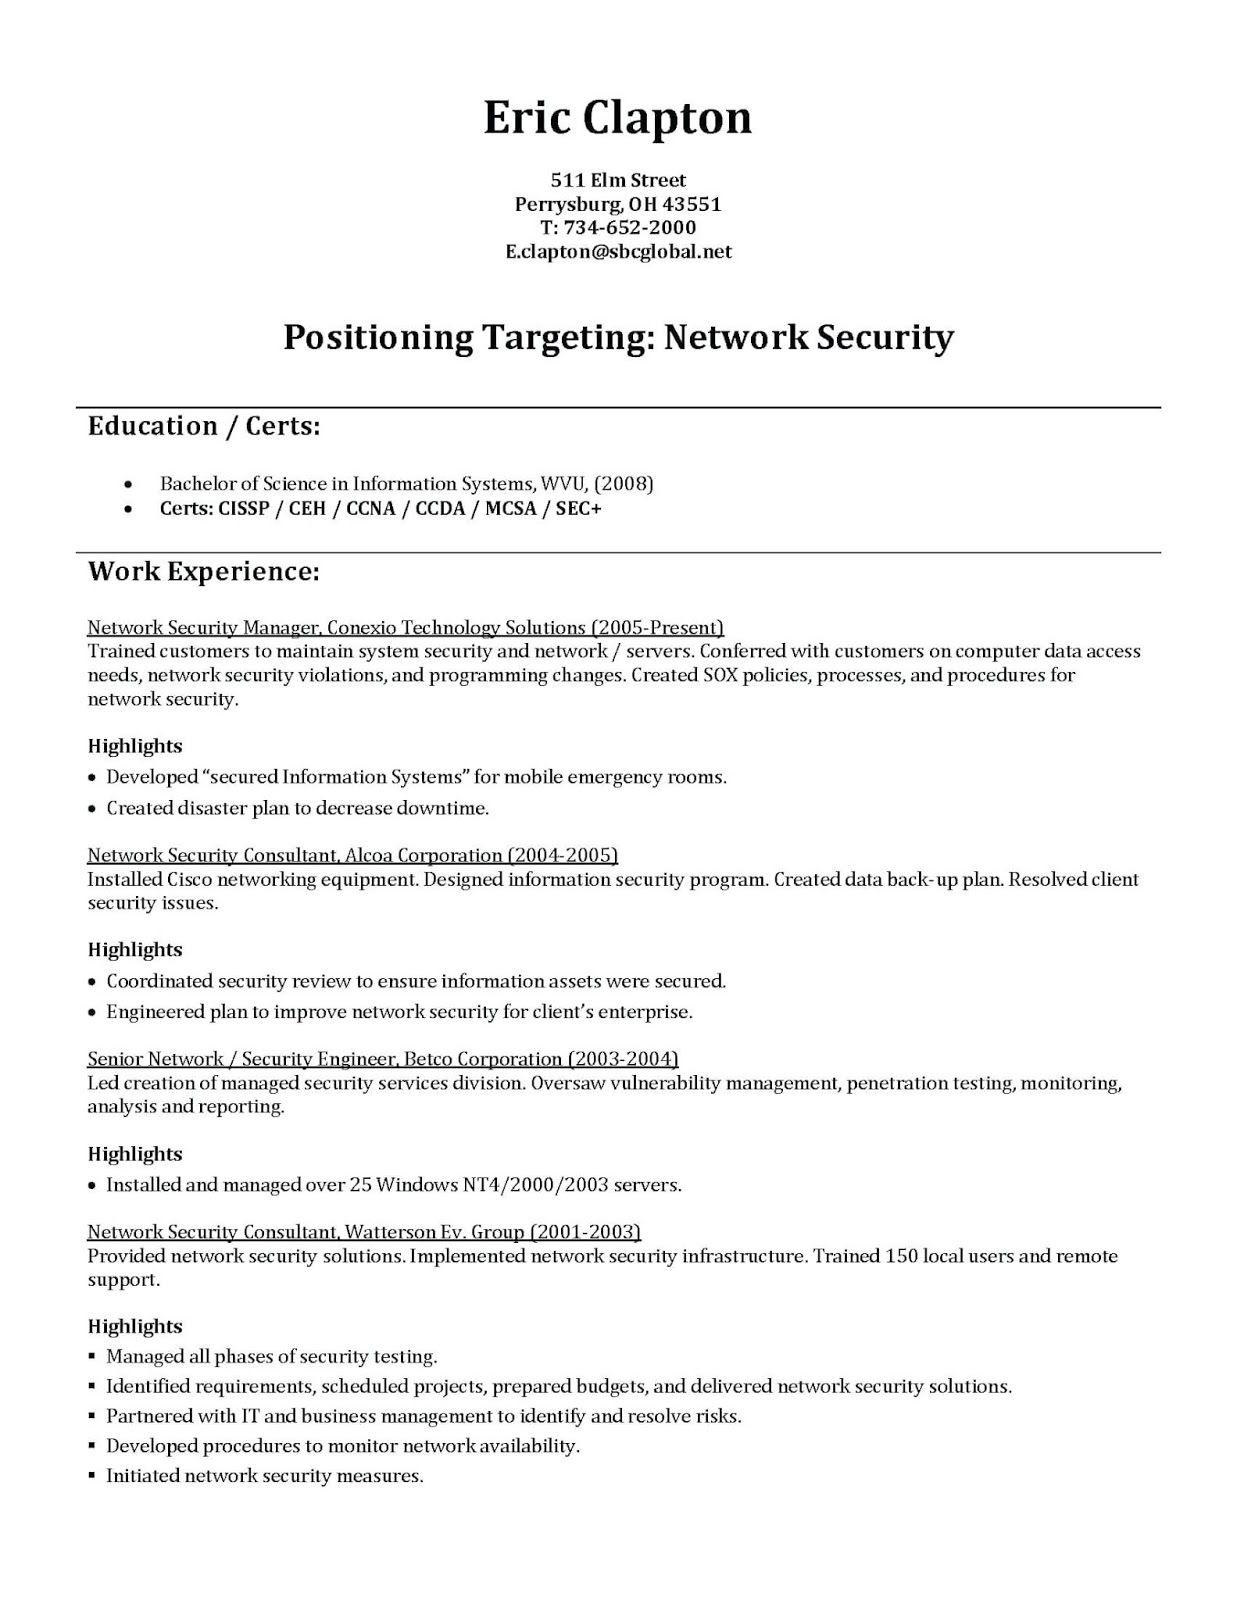 Network architect resume pdf 2019 network architect resume